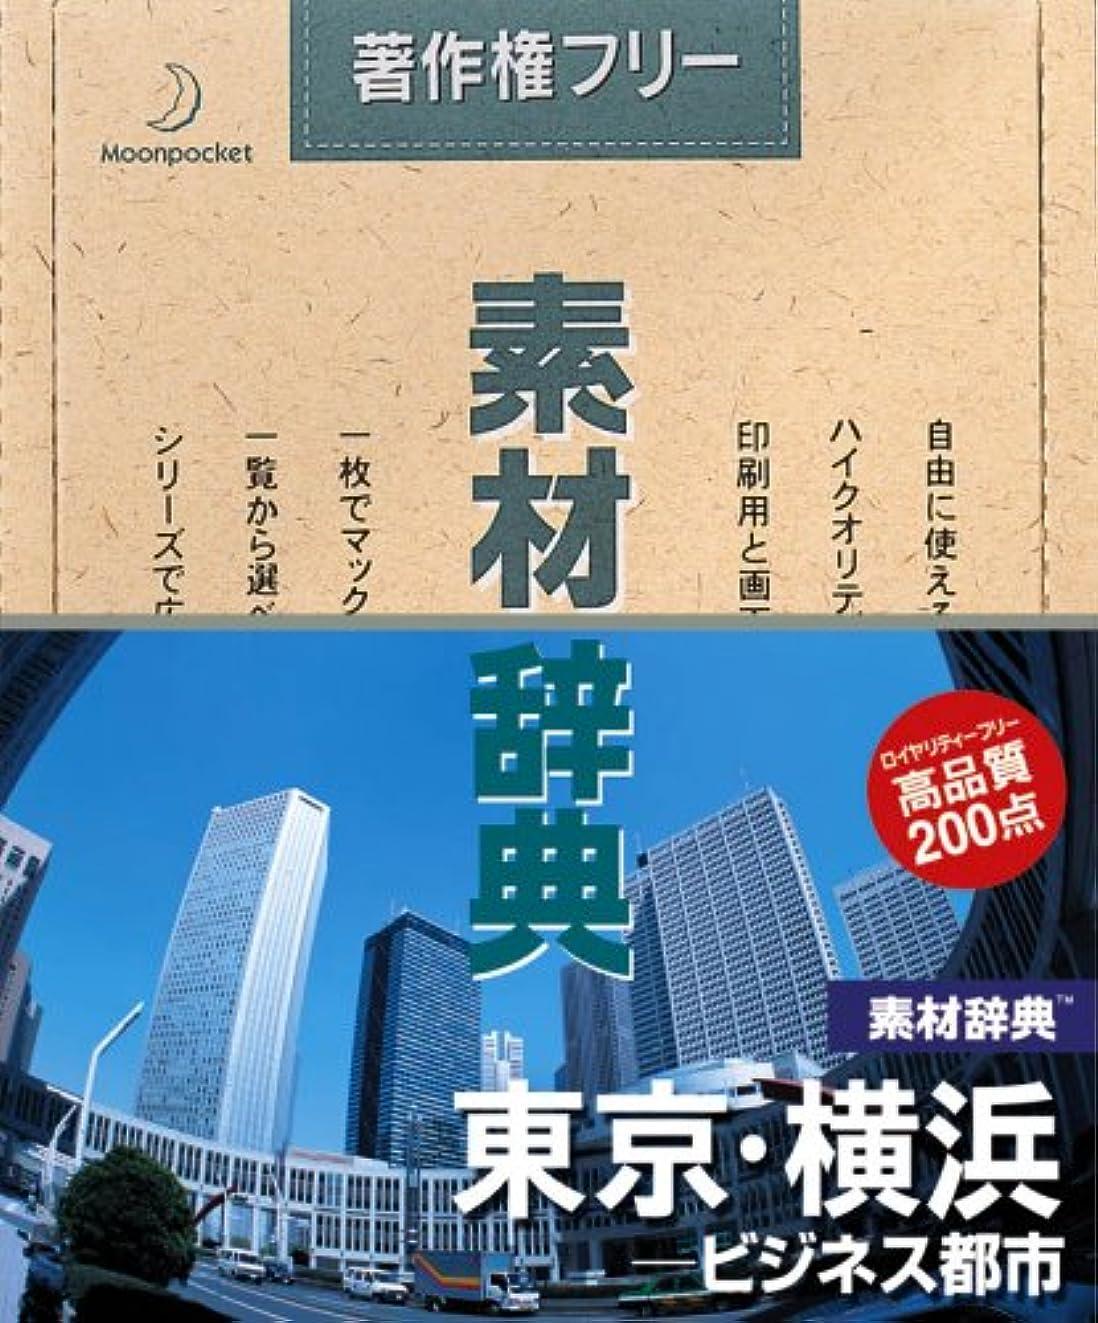 驚くばかりシェア失素材辞典 Vol.112 東京?横浜 ビジネス都市編